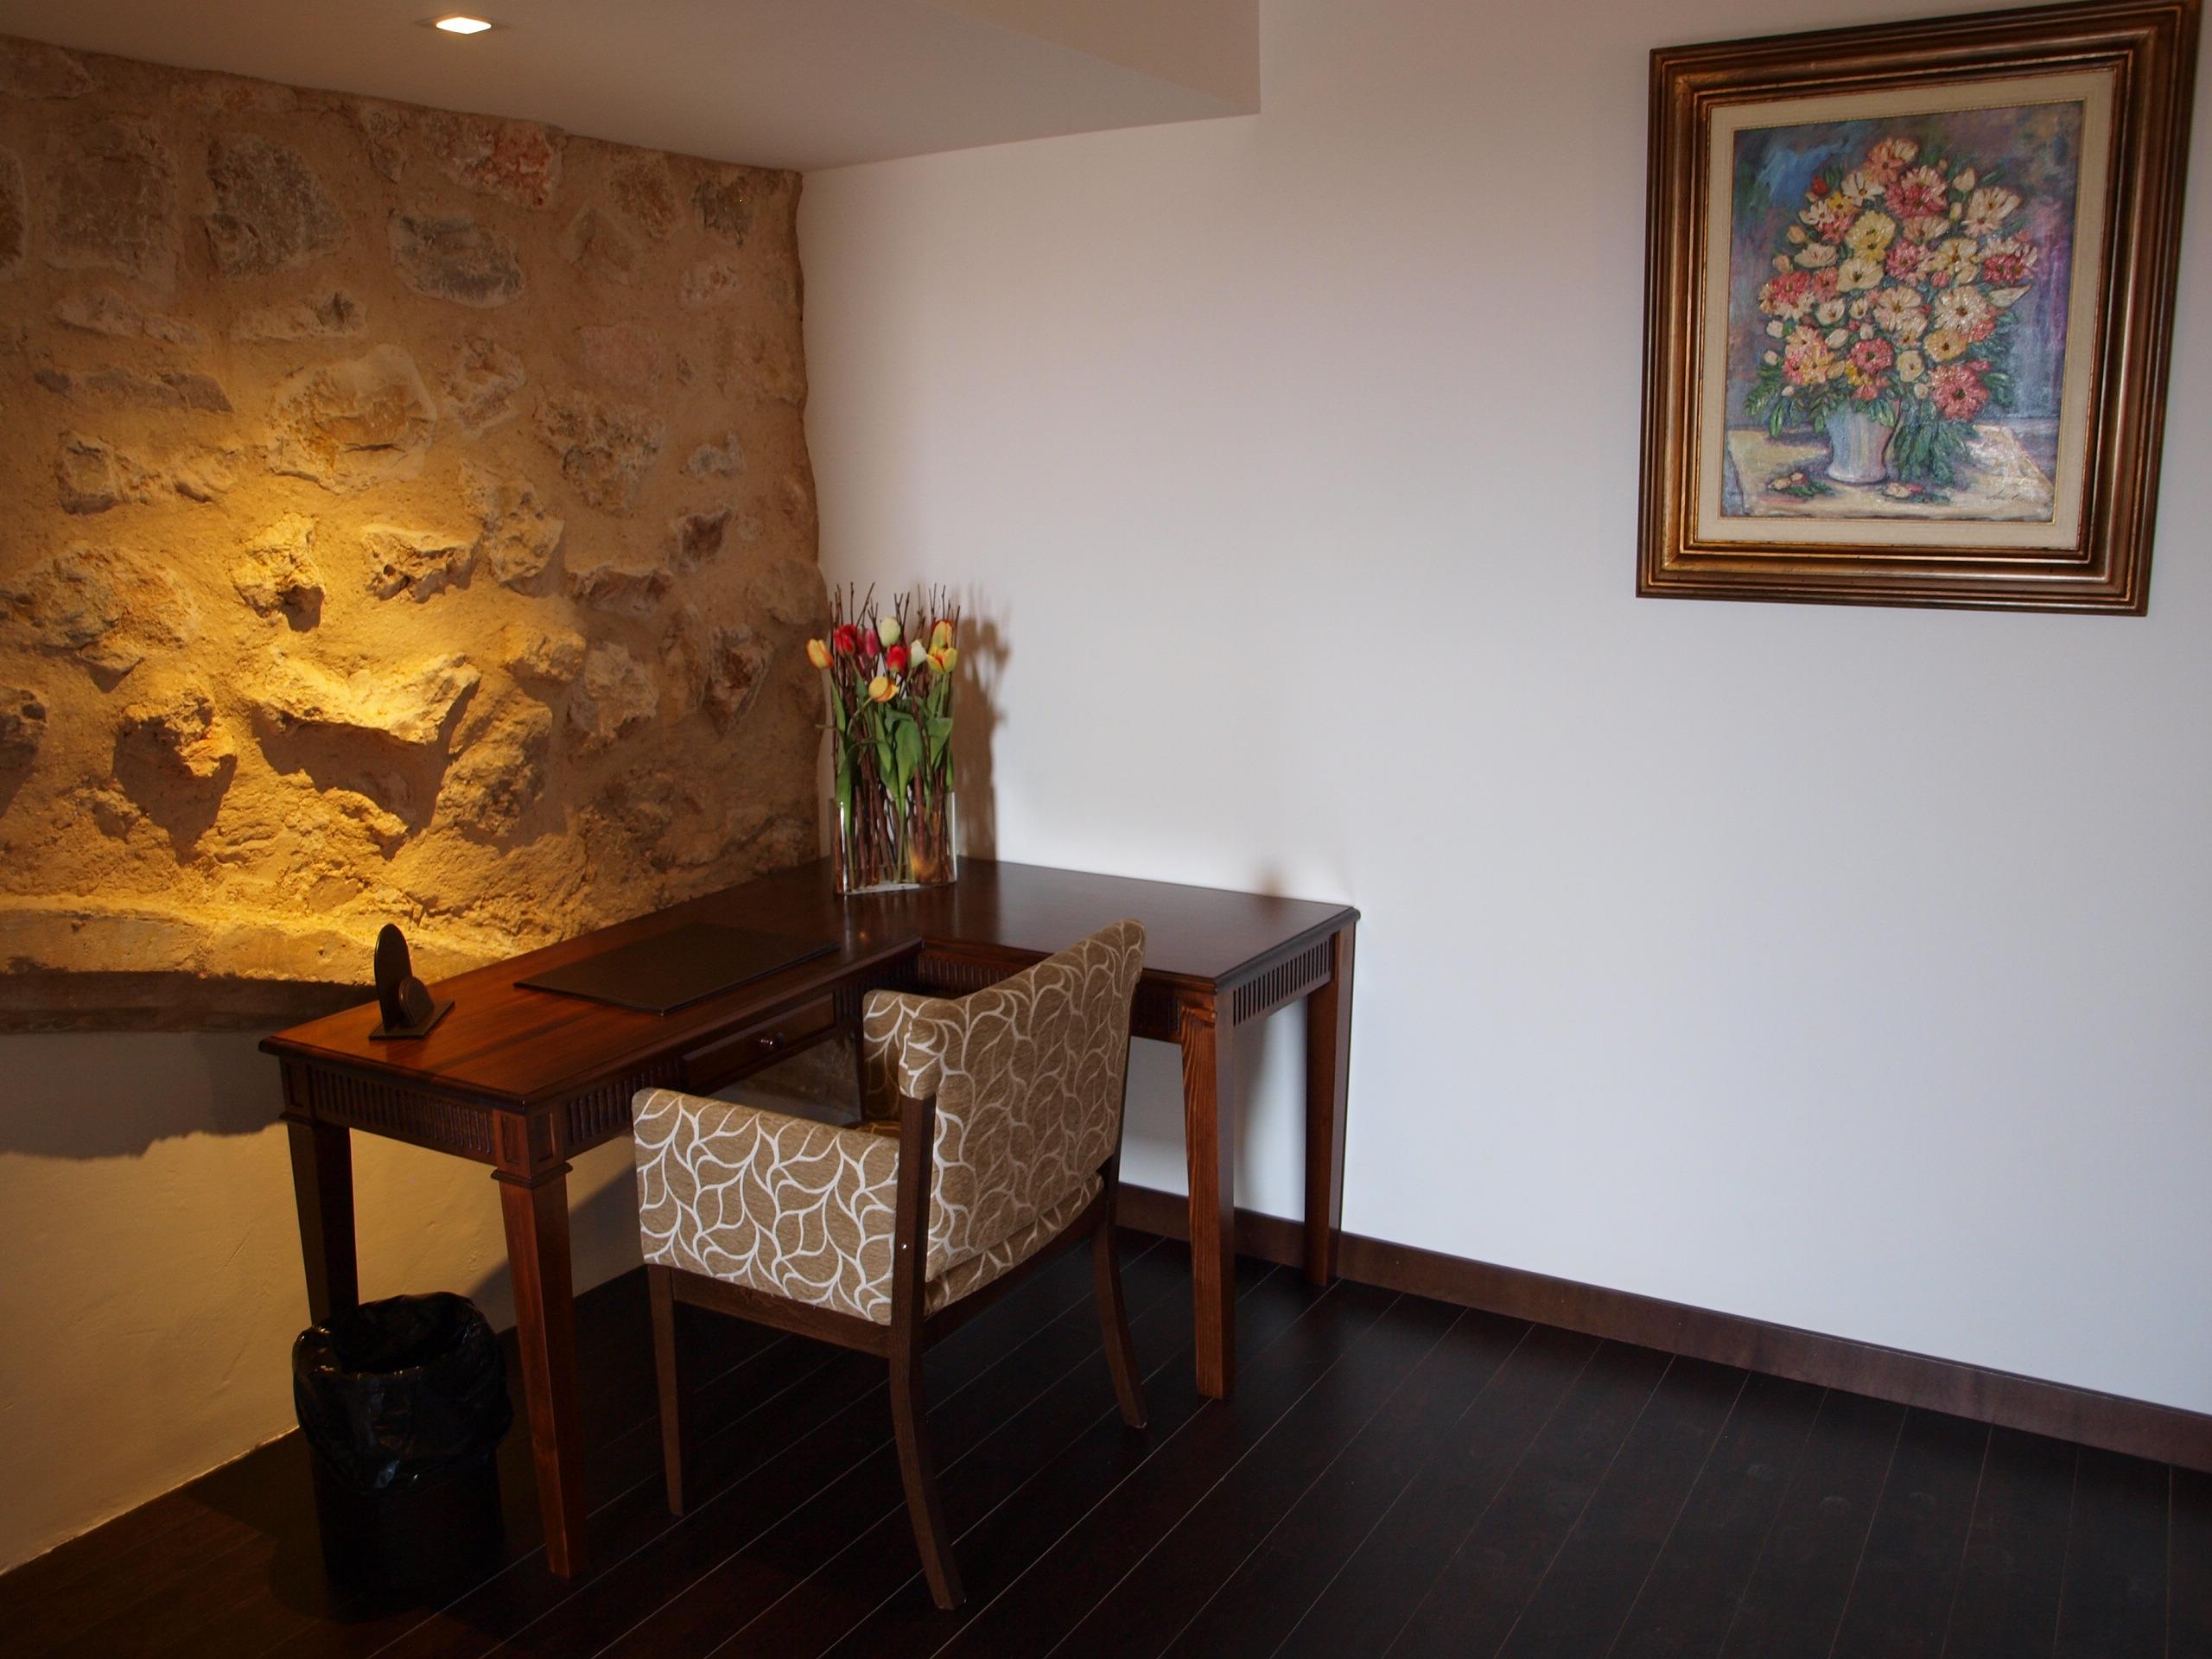 Hotel spa Infante don Juan Manuel Belmonte Cuenca ruartecontract palacios lujo 4